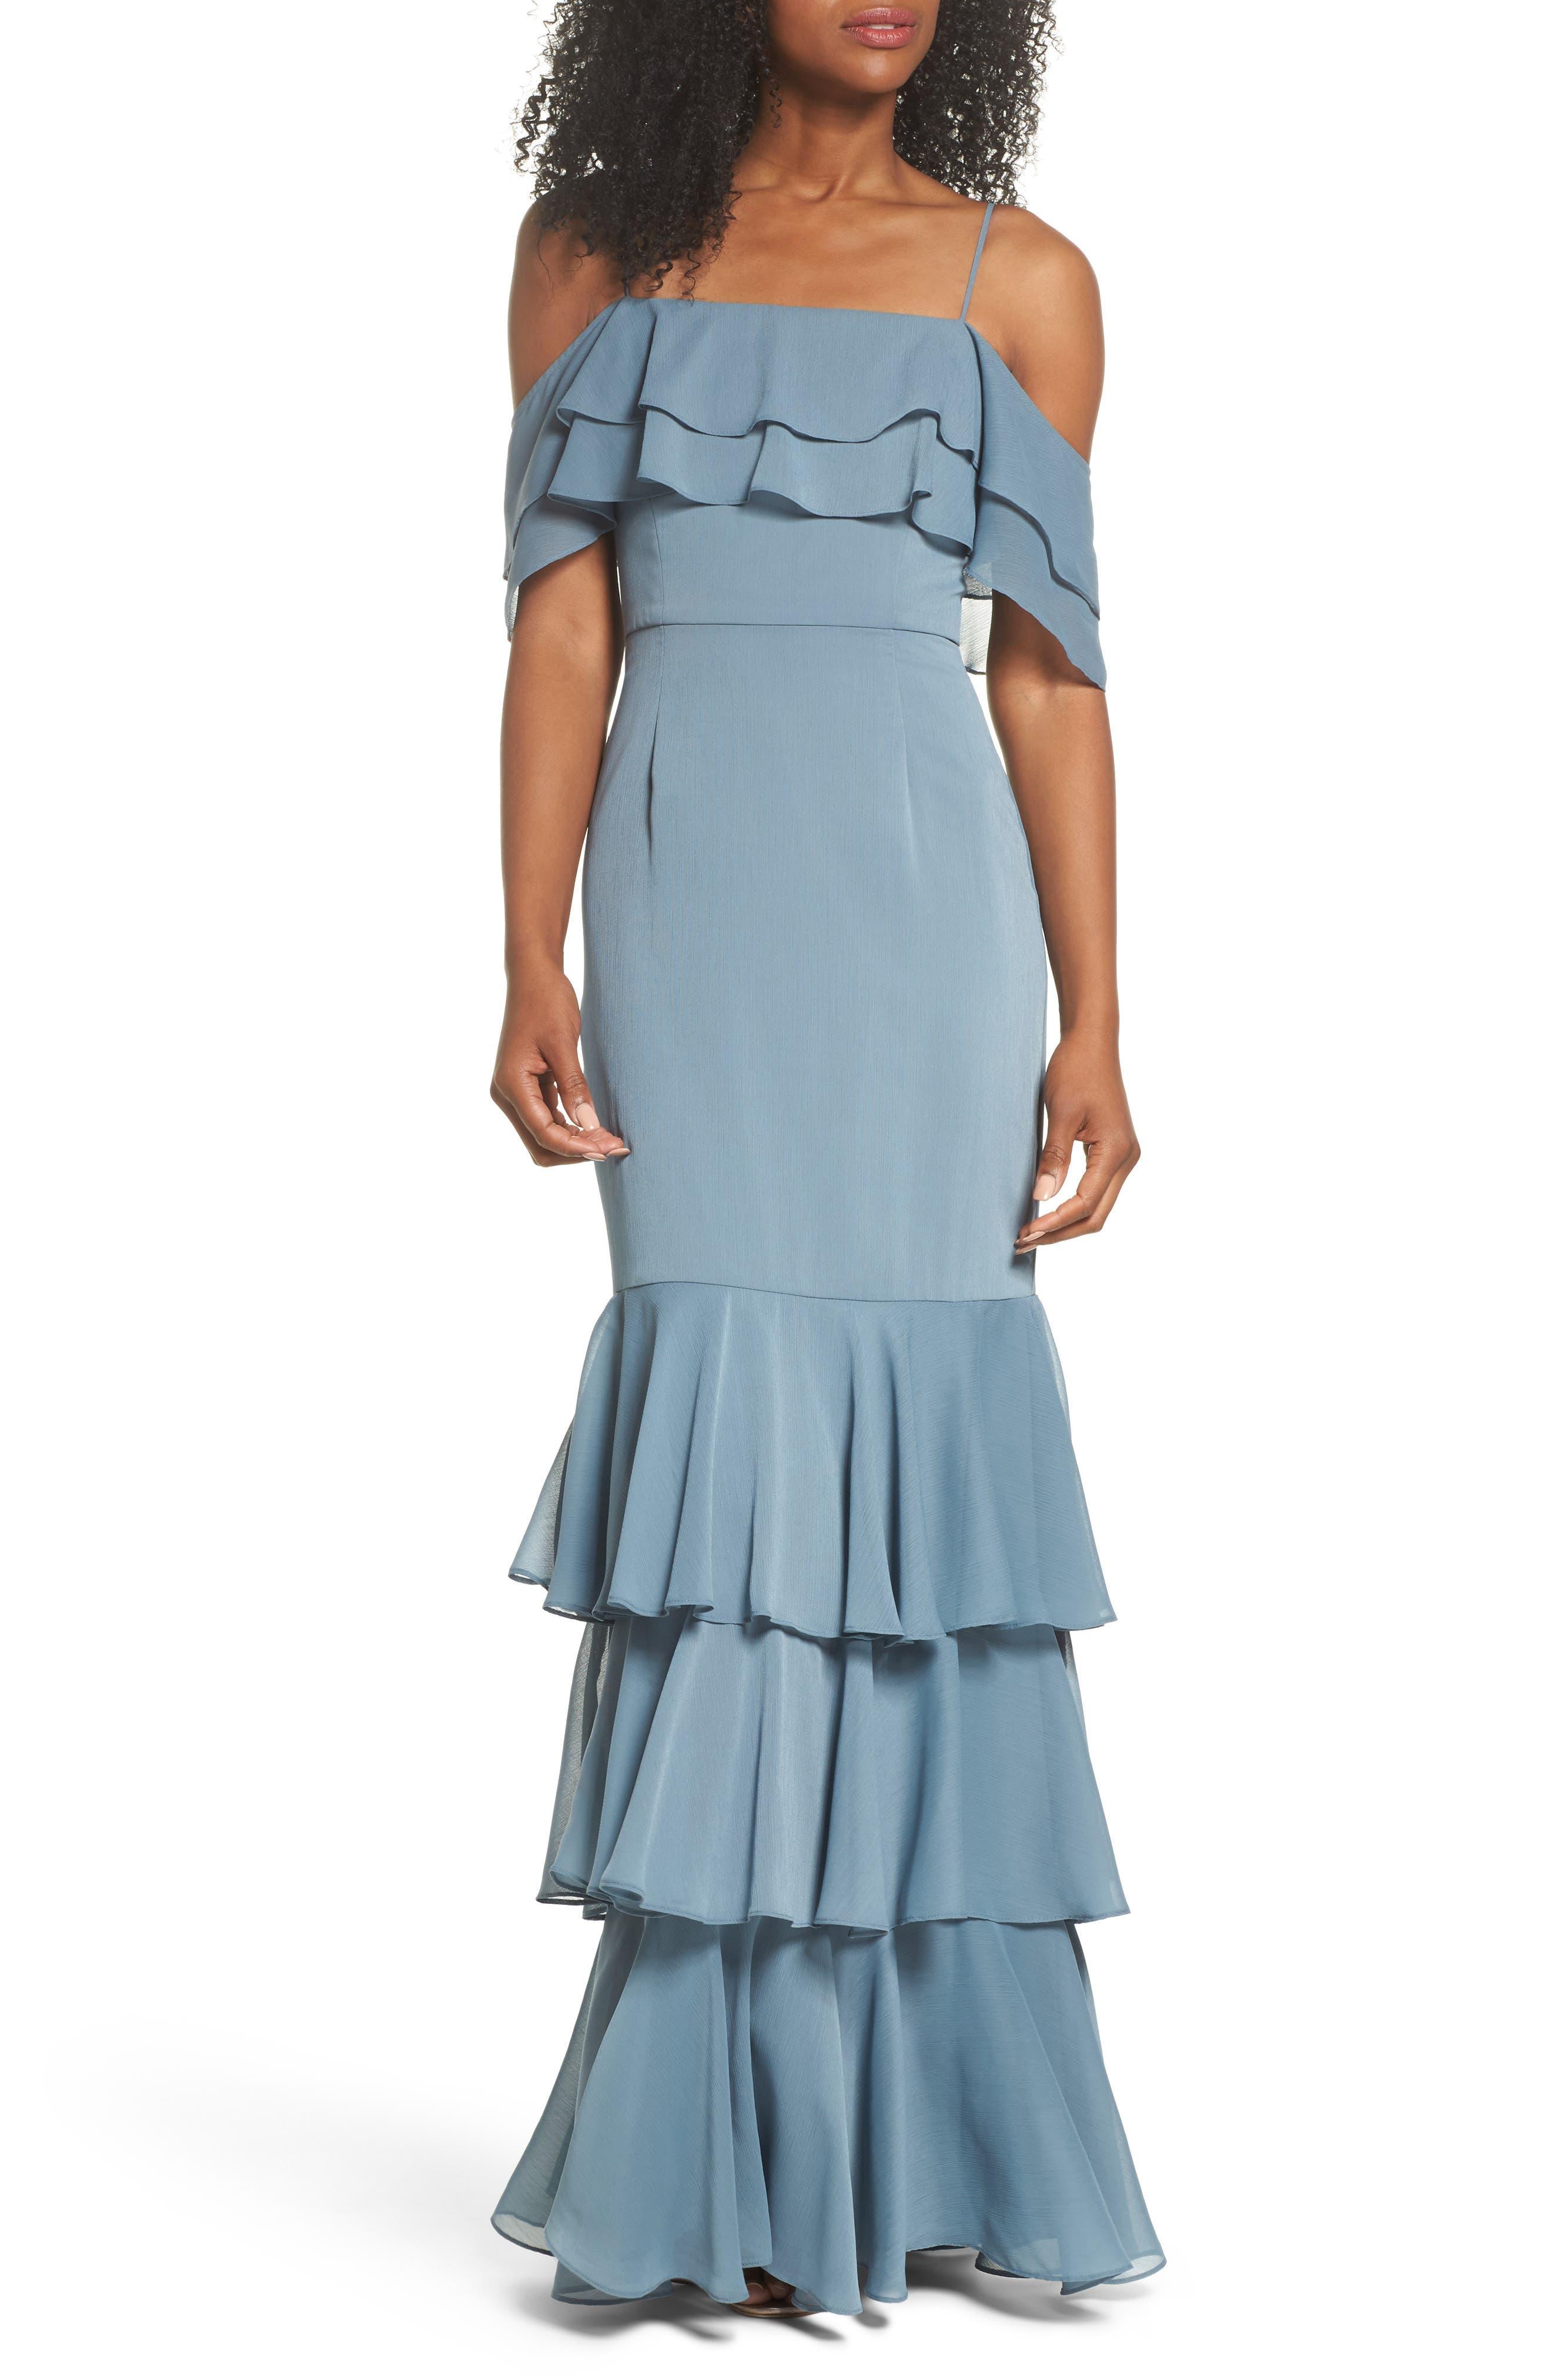 Main Image - WAYF Lauren Off the Shoulder Tiered Gown